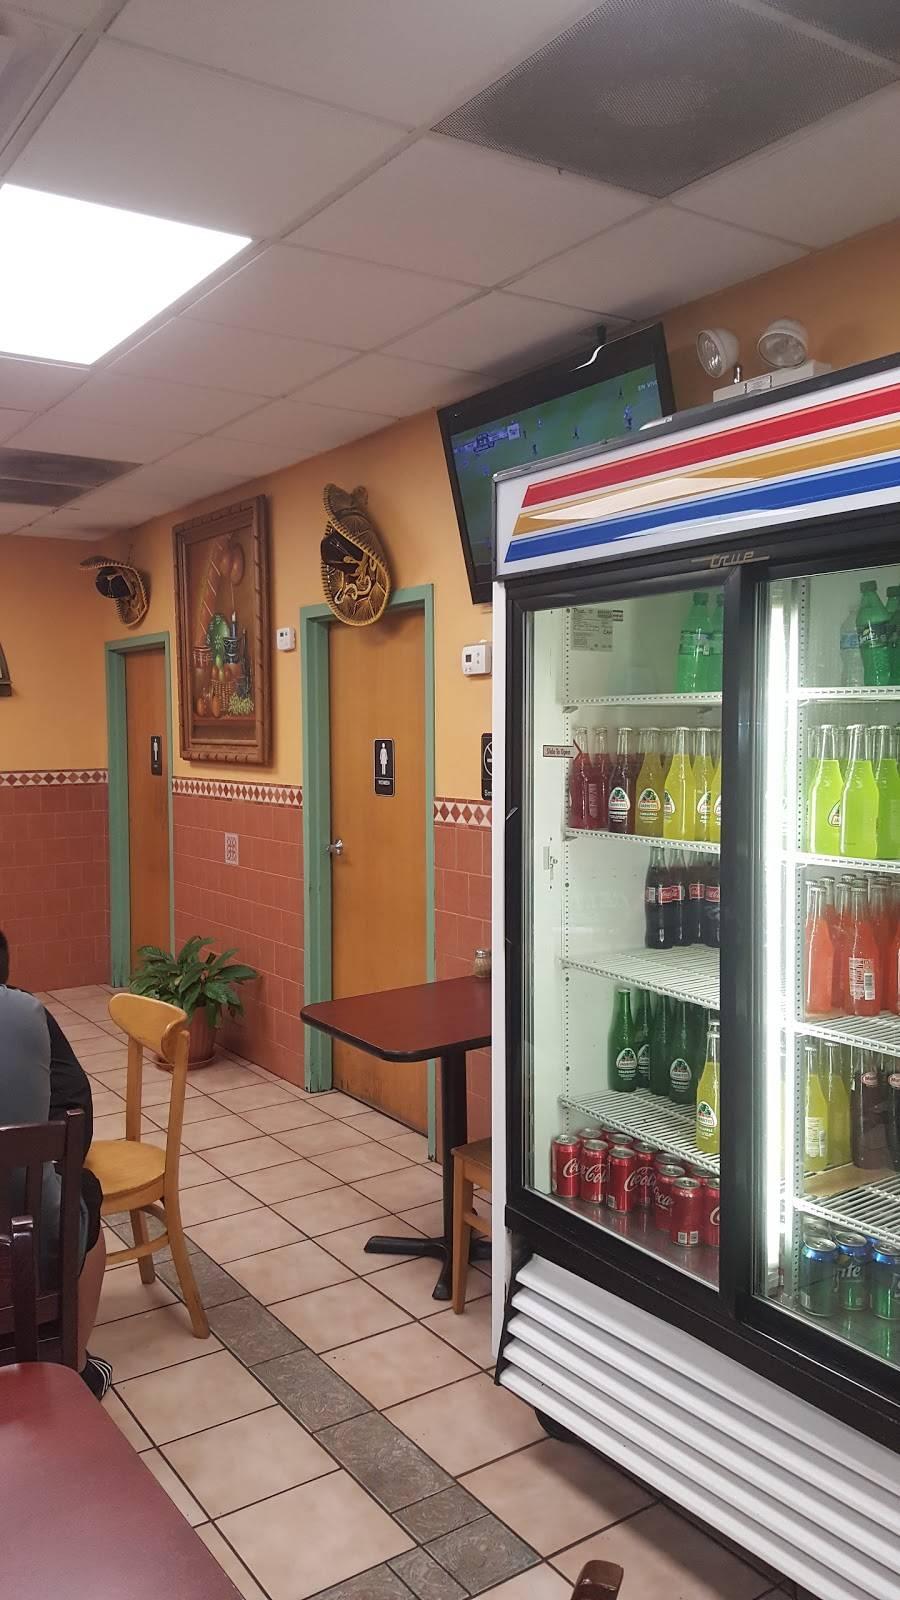 La Placita Taqueria   restaurant   390 W Lake St, Addison, IL 60101, USA   6305430068 OR +1 630-543-0068